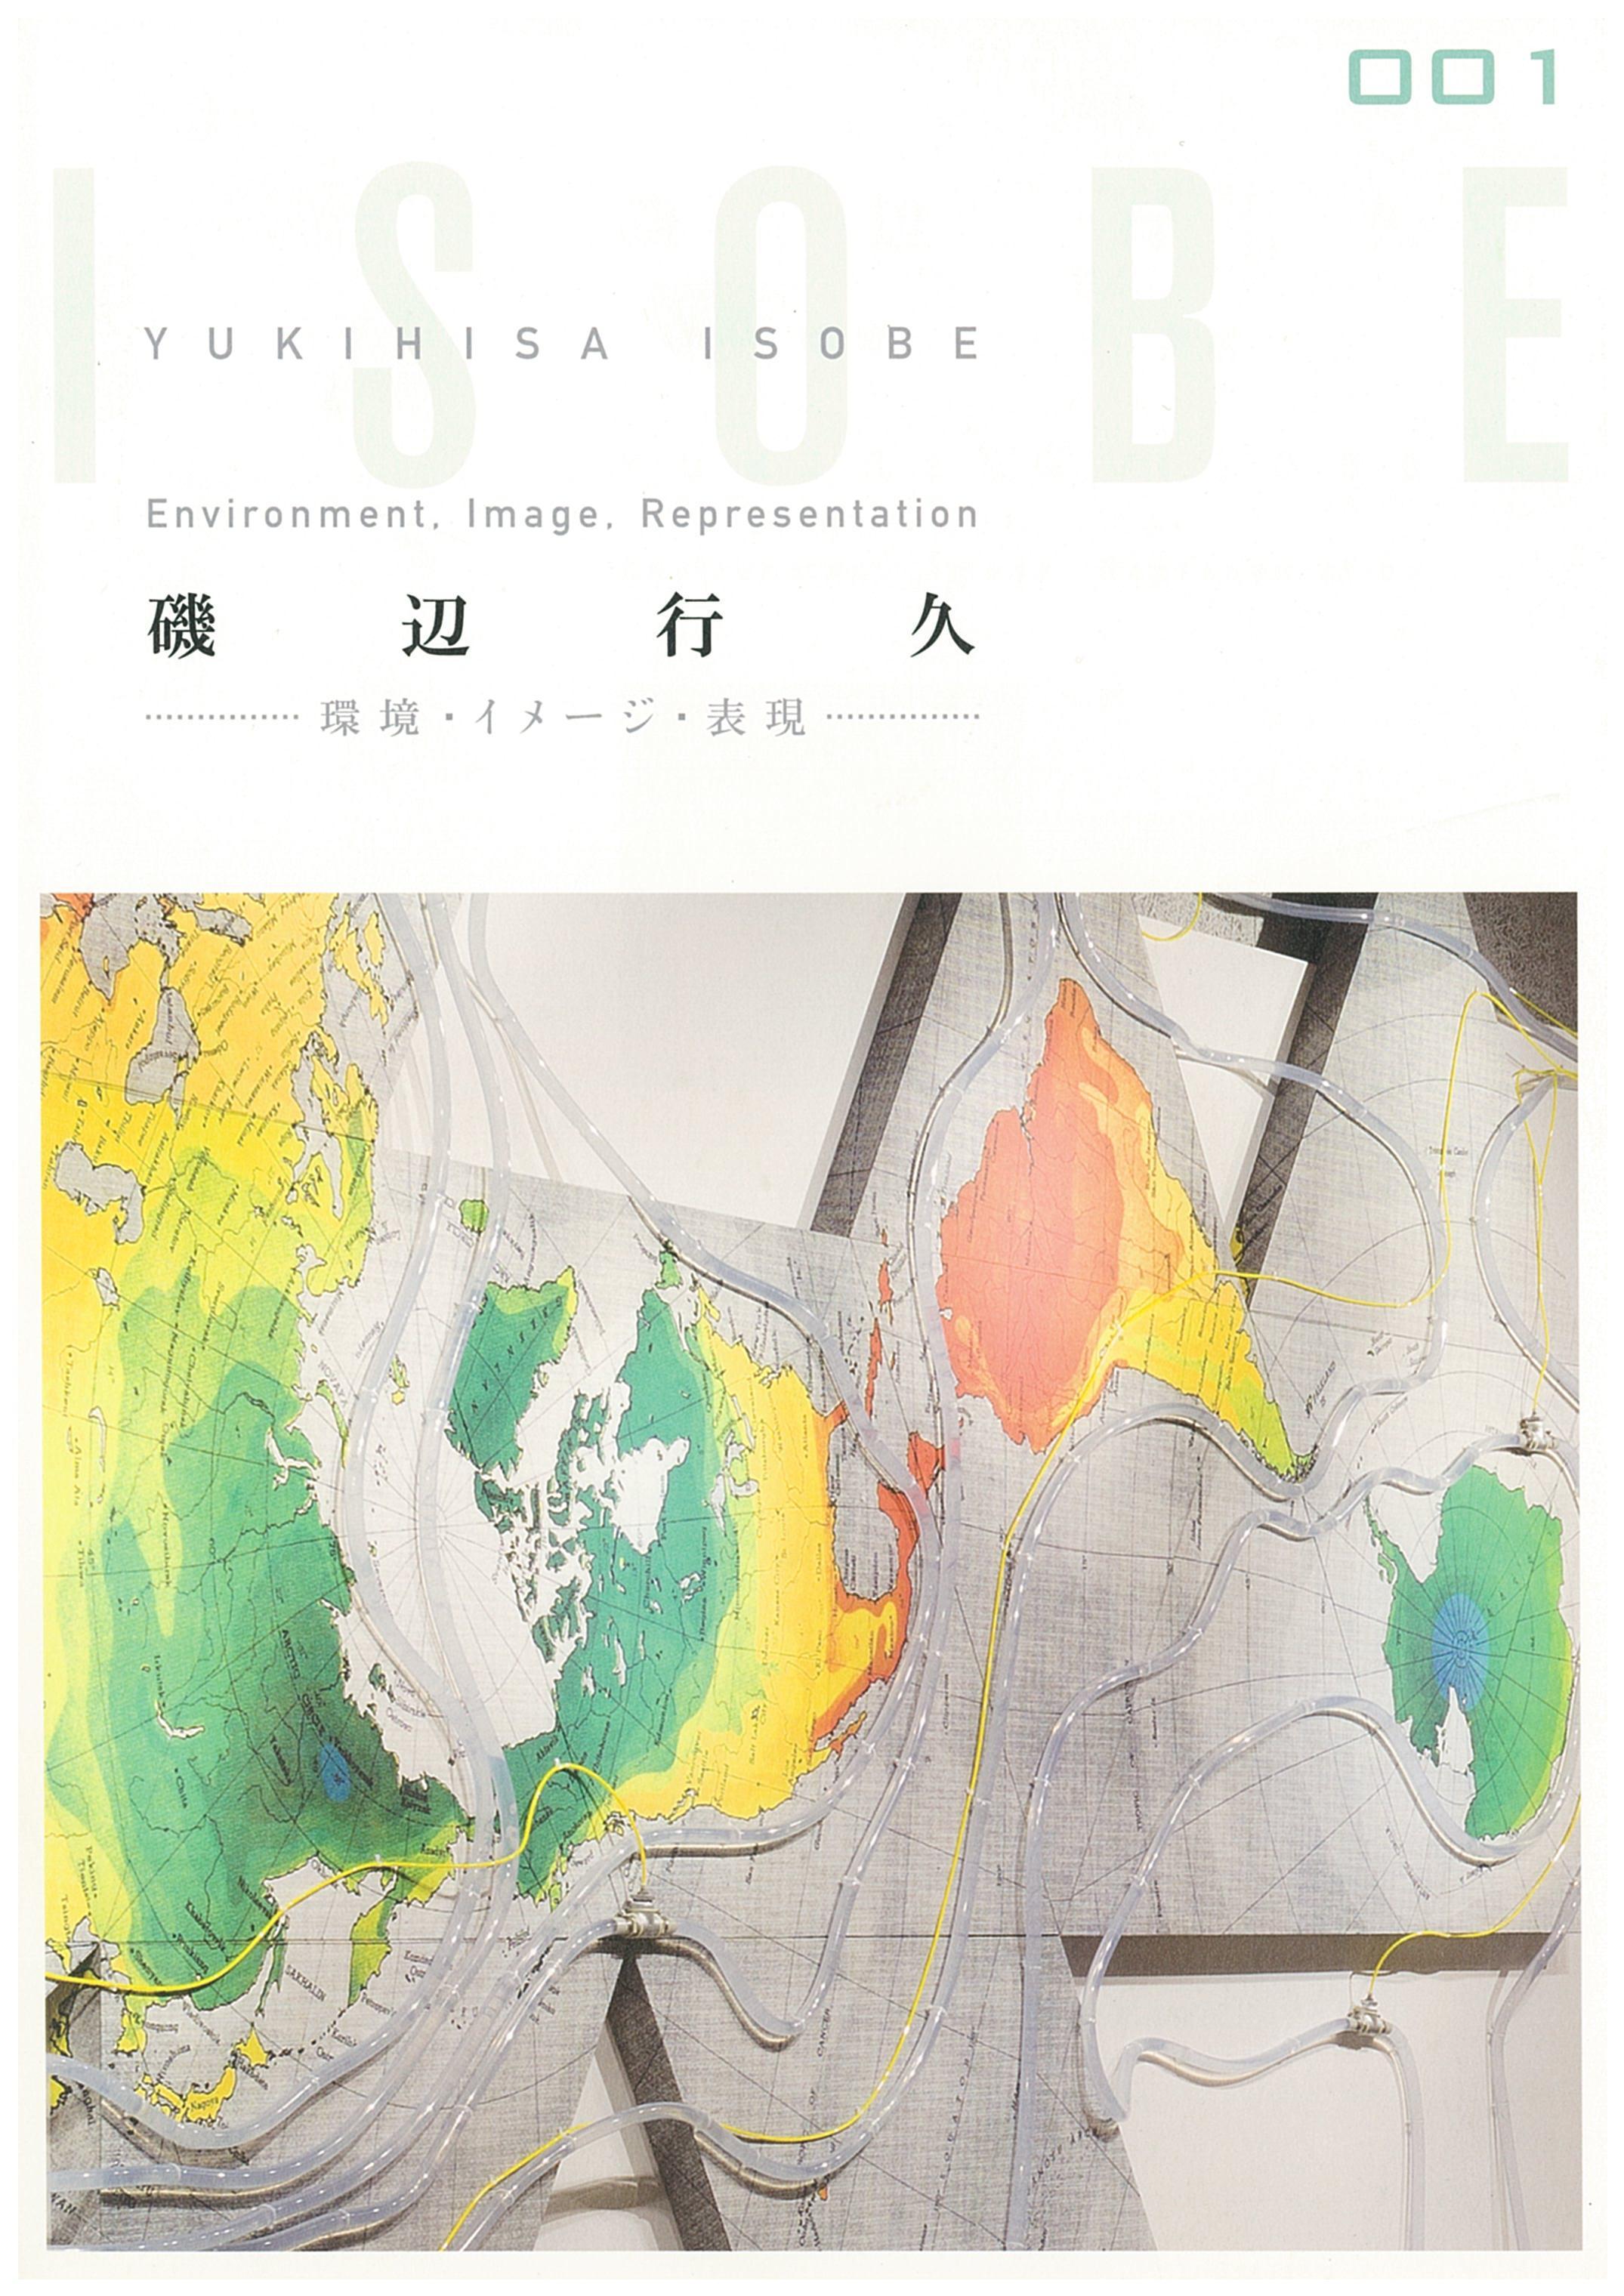 市原湖畔美術館 001  「磯辺行久 -環境・イメージ・表現-」展  カタログ